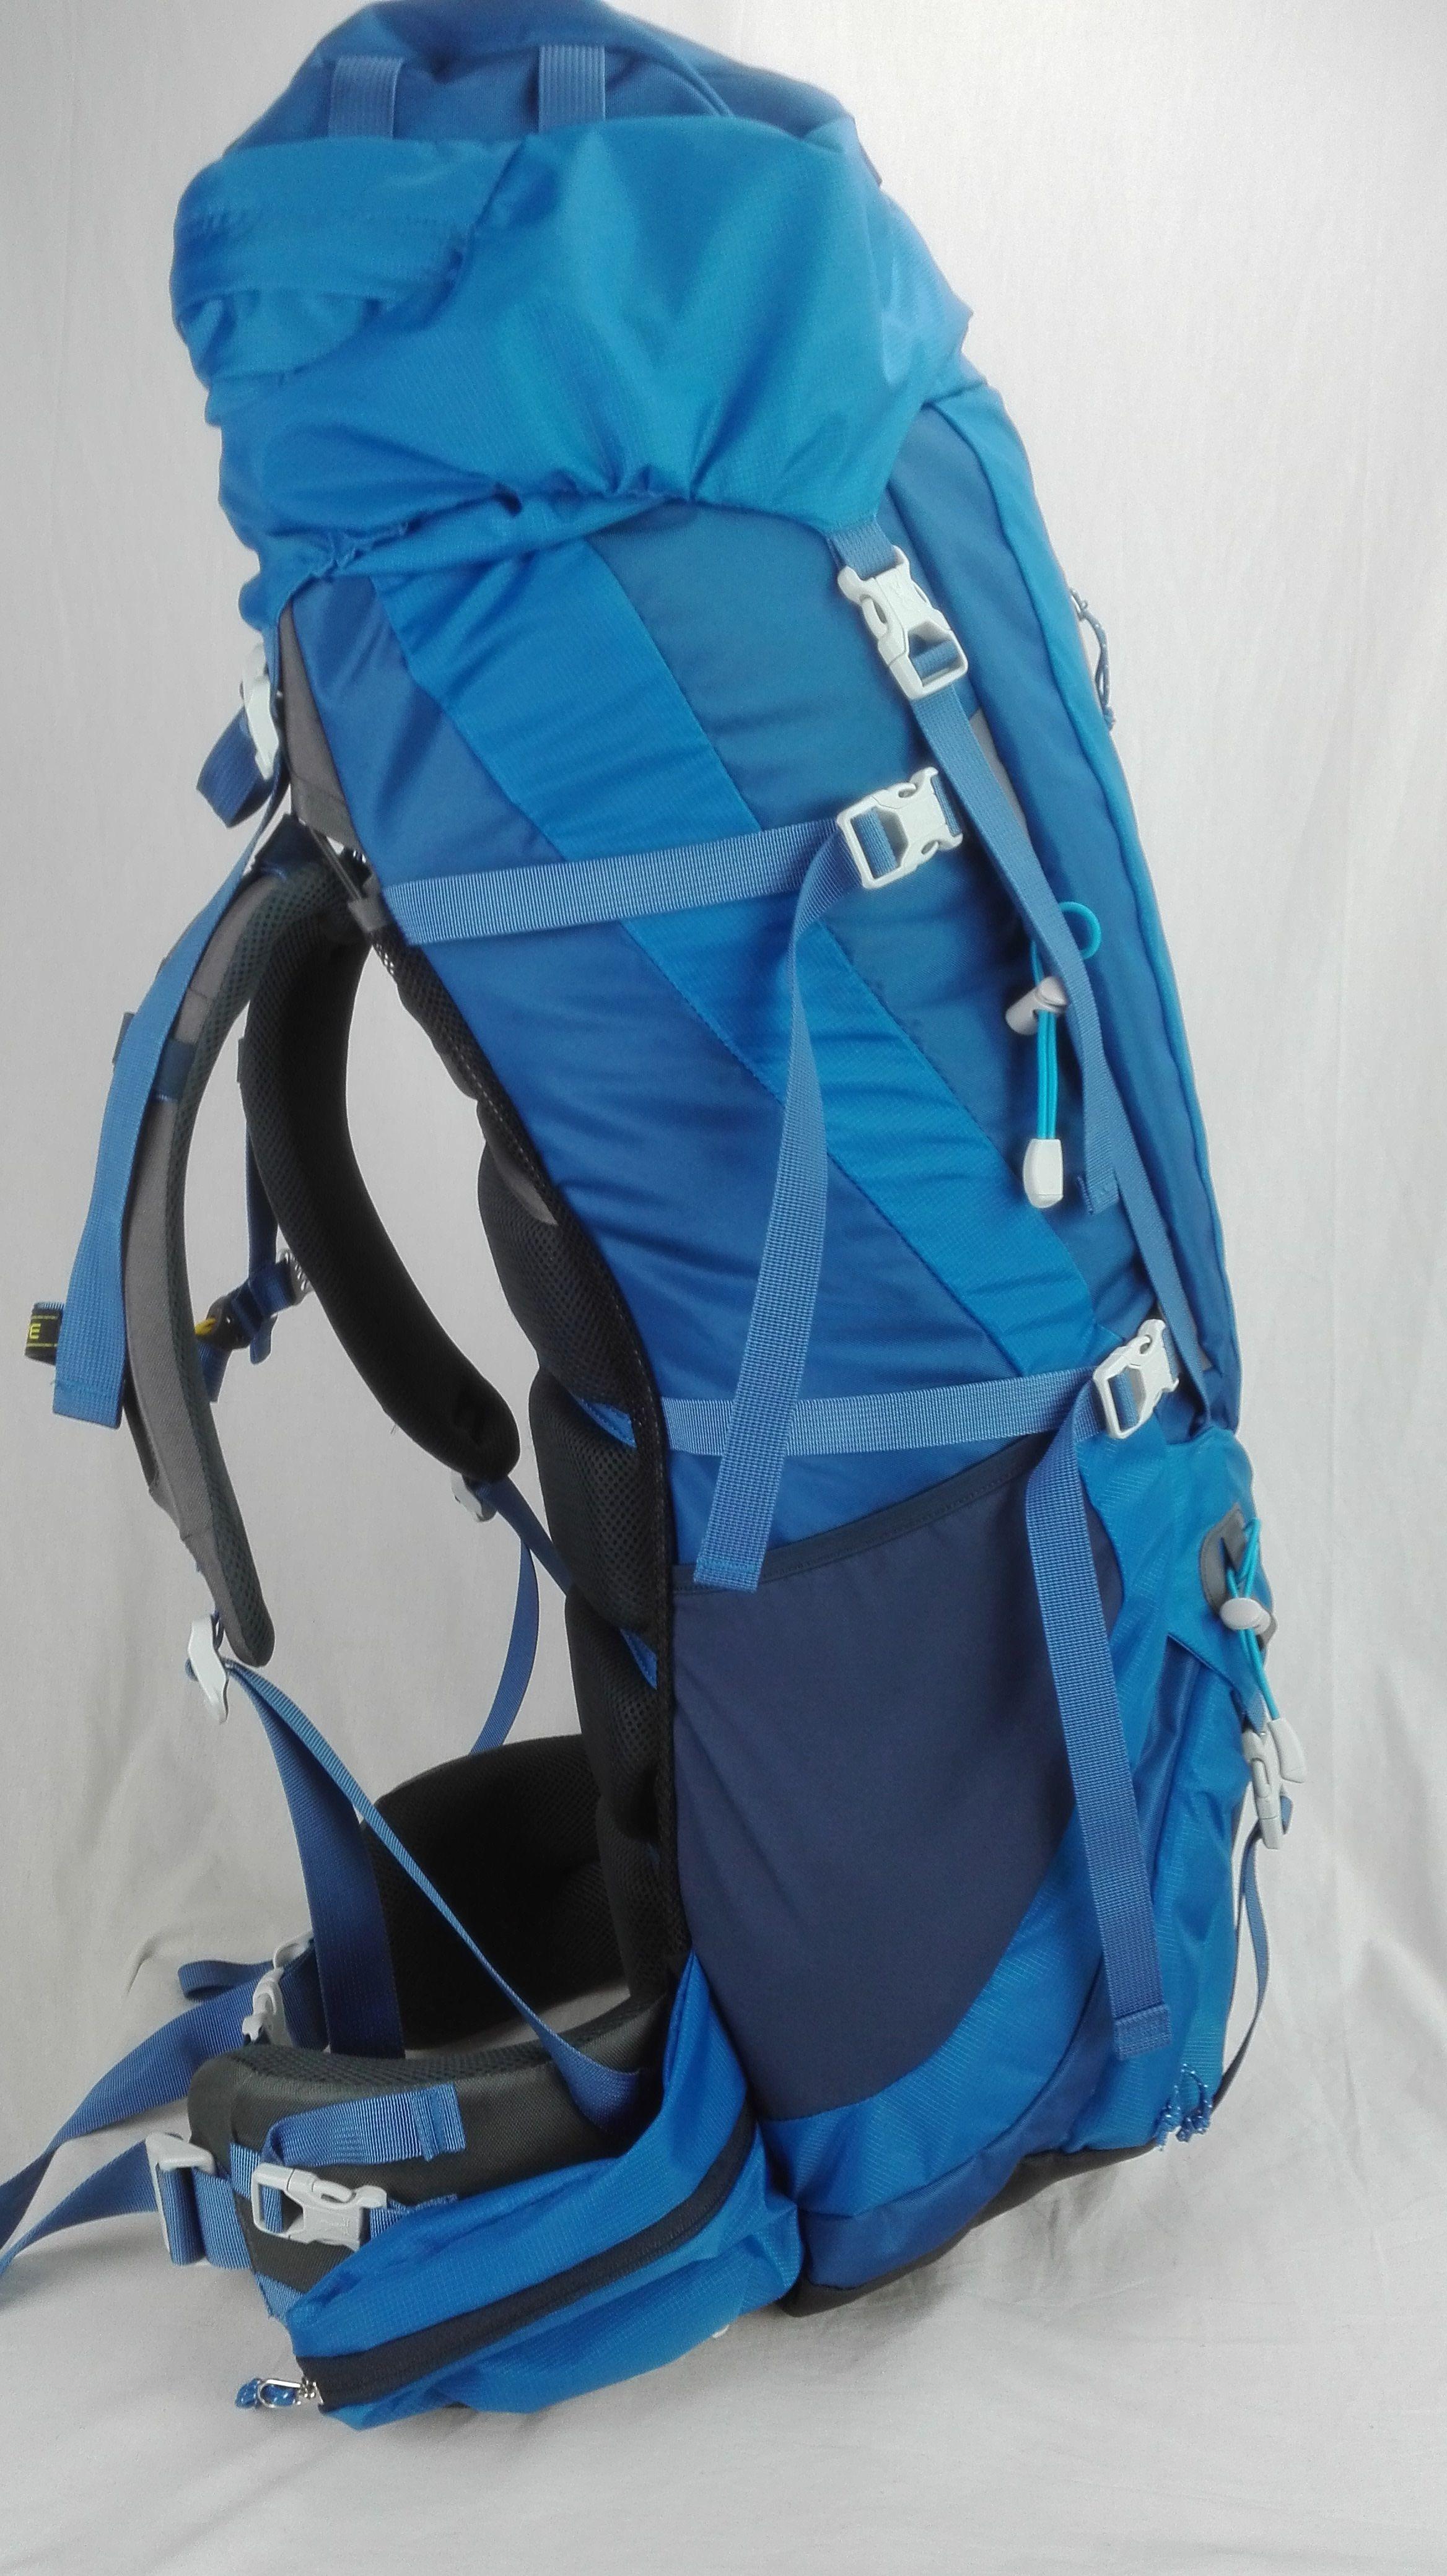 MY6001 AMEISEYE outdoor backpacks 1. Very light weight 2. Waterproof Nylon  material, YKK da01dbfdd8